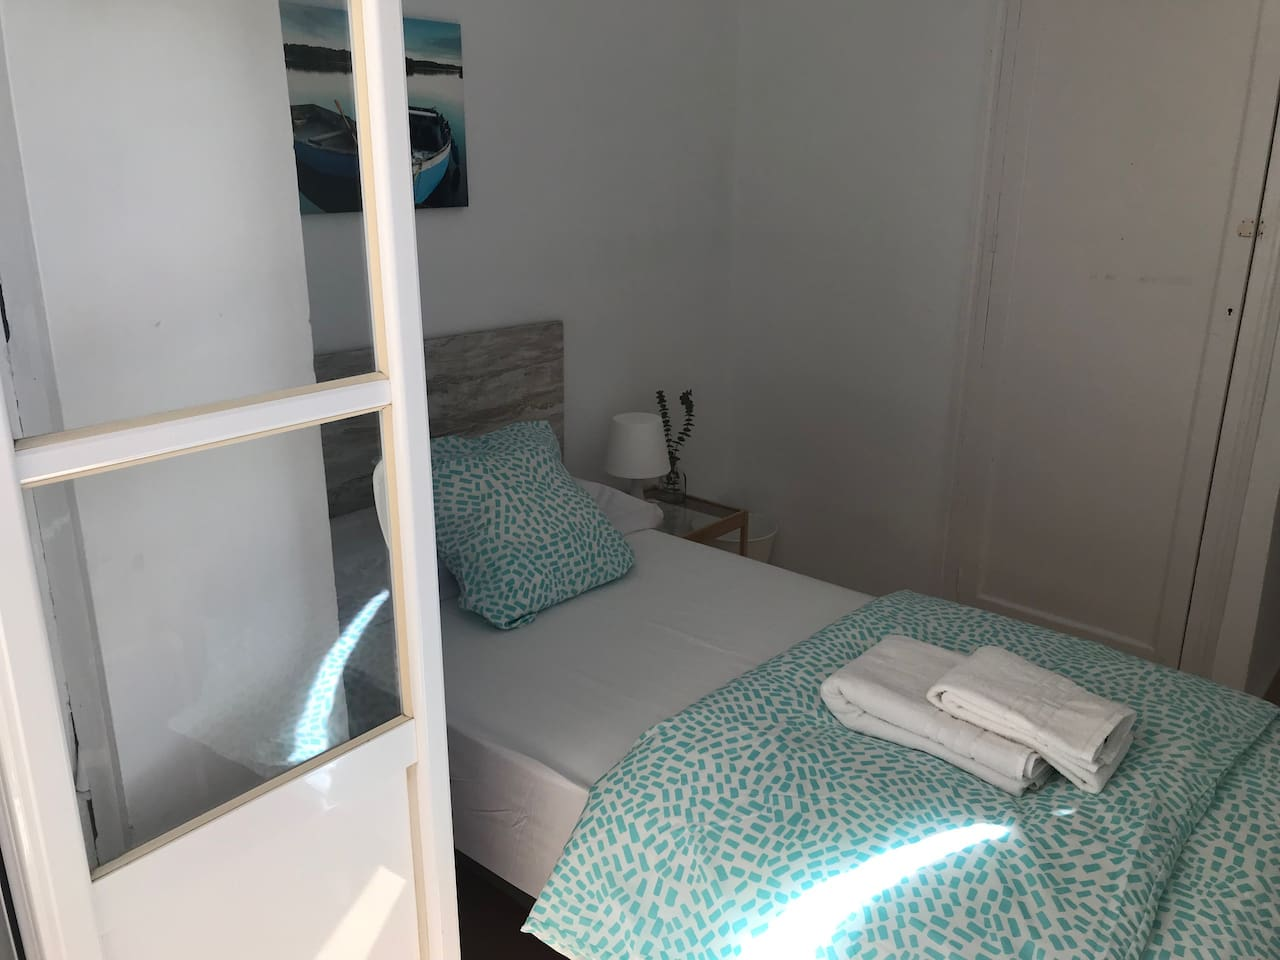 Habitación individual exterior con balcón a calle tranquila y luminosa. Dispone de armario, espejo y mobiliario básico. Conexión de wifi buena.